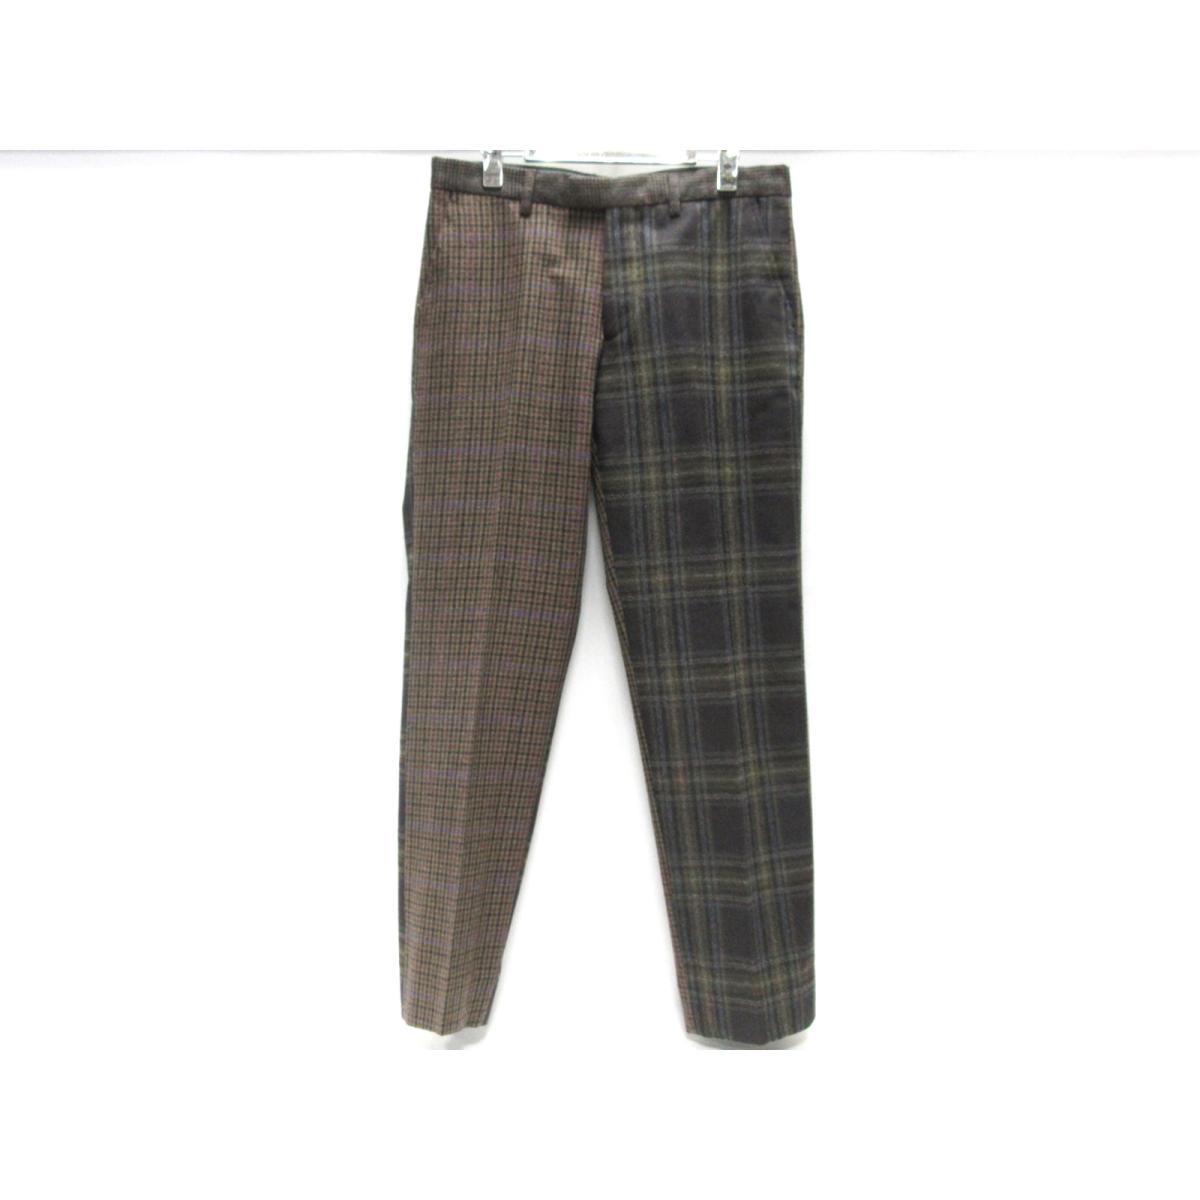 【中古】エトロ パンツ 衣料品 メンズ ウール(95%)xカシミヤ(5%) マルチカラー